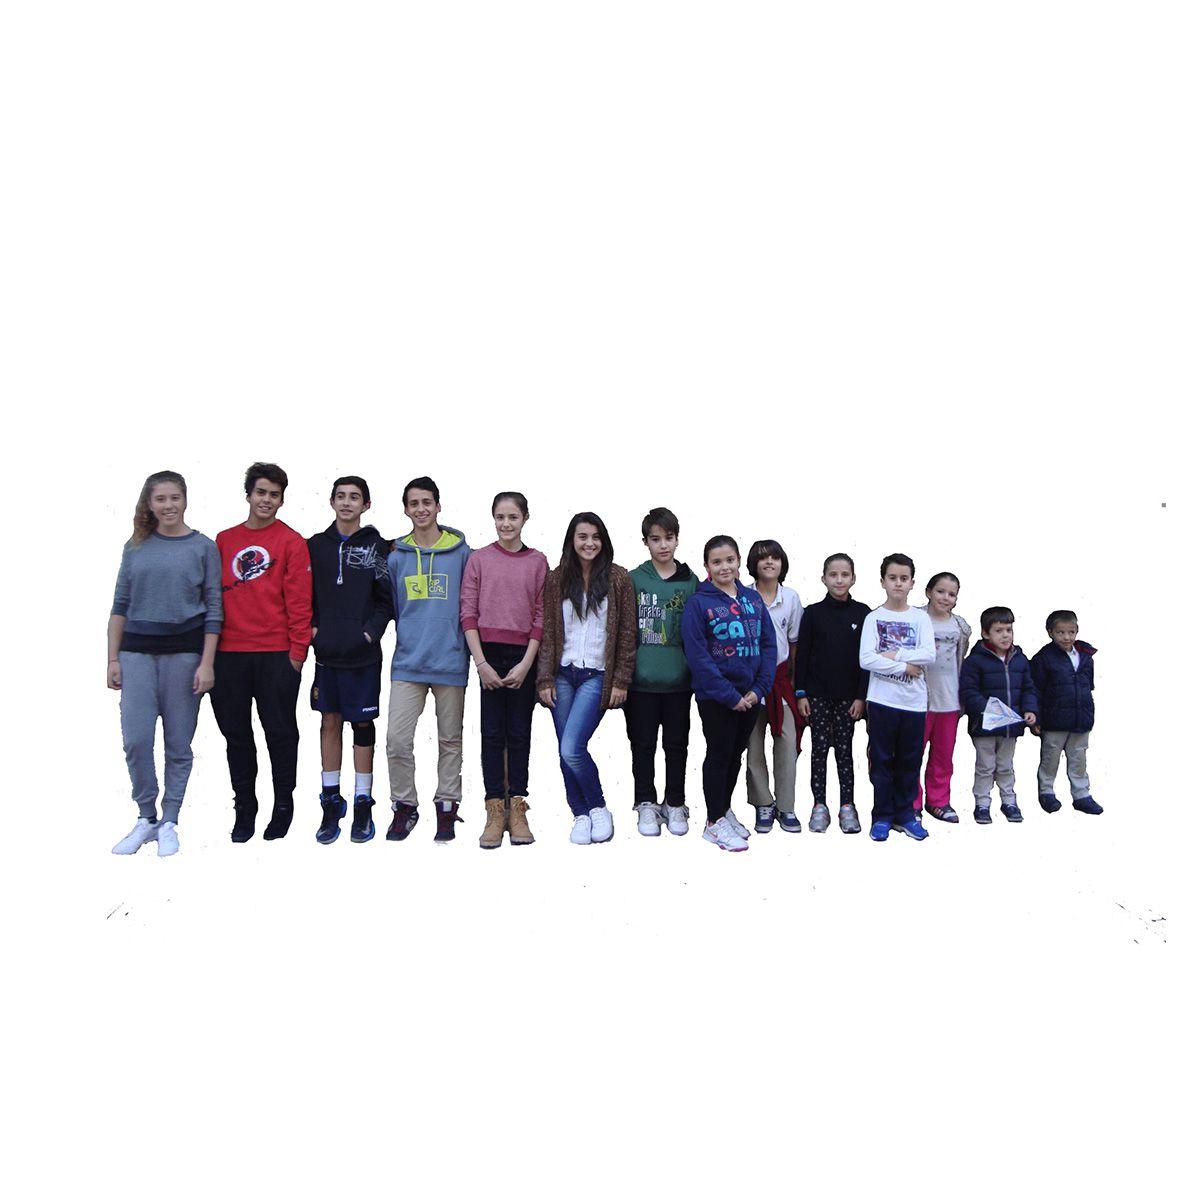 https://academiaidiomas.es/wp-content/uploads/2020/04/Picture-2-sec-3-niños.jpg